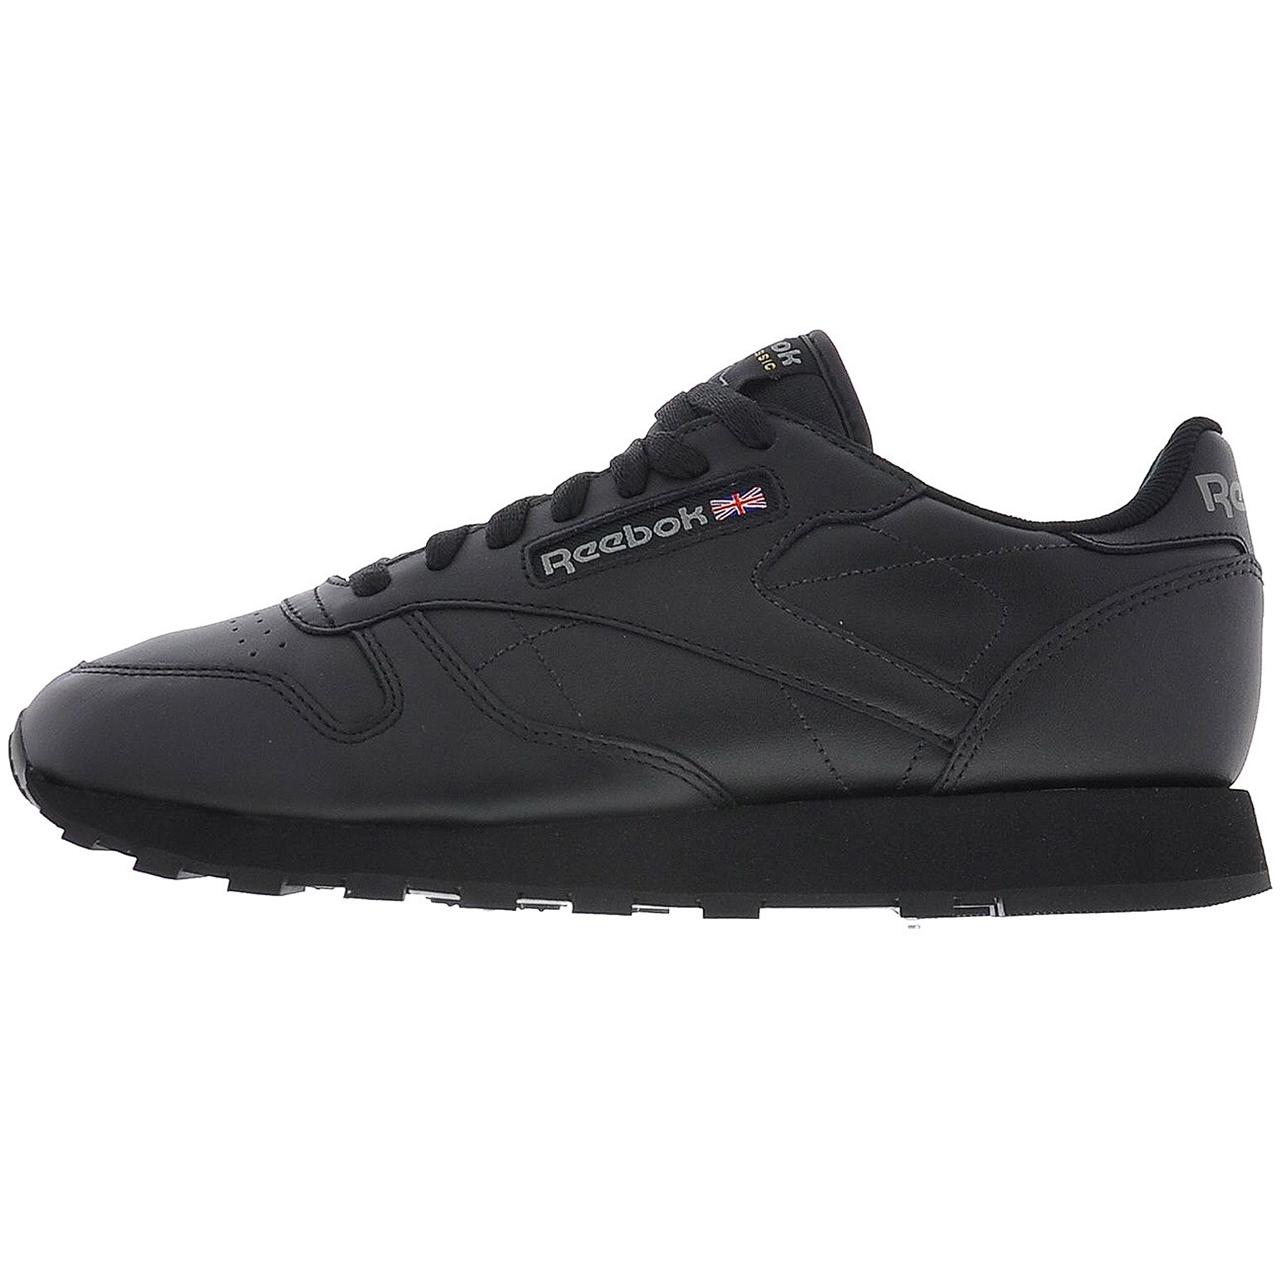 قیمت کفش مخصوص دویدن مردانه ریباک مدل Classic